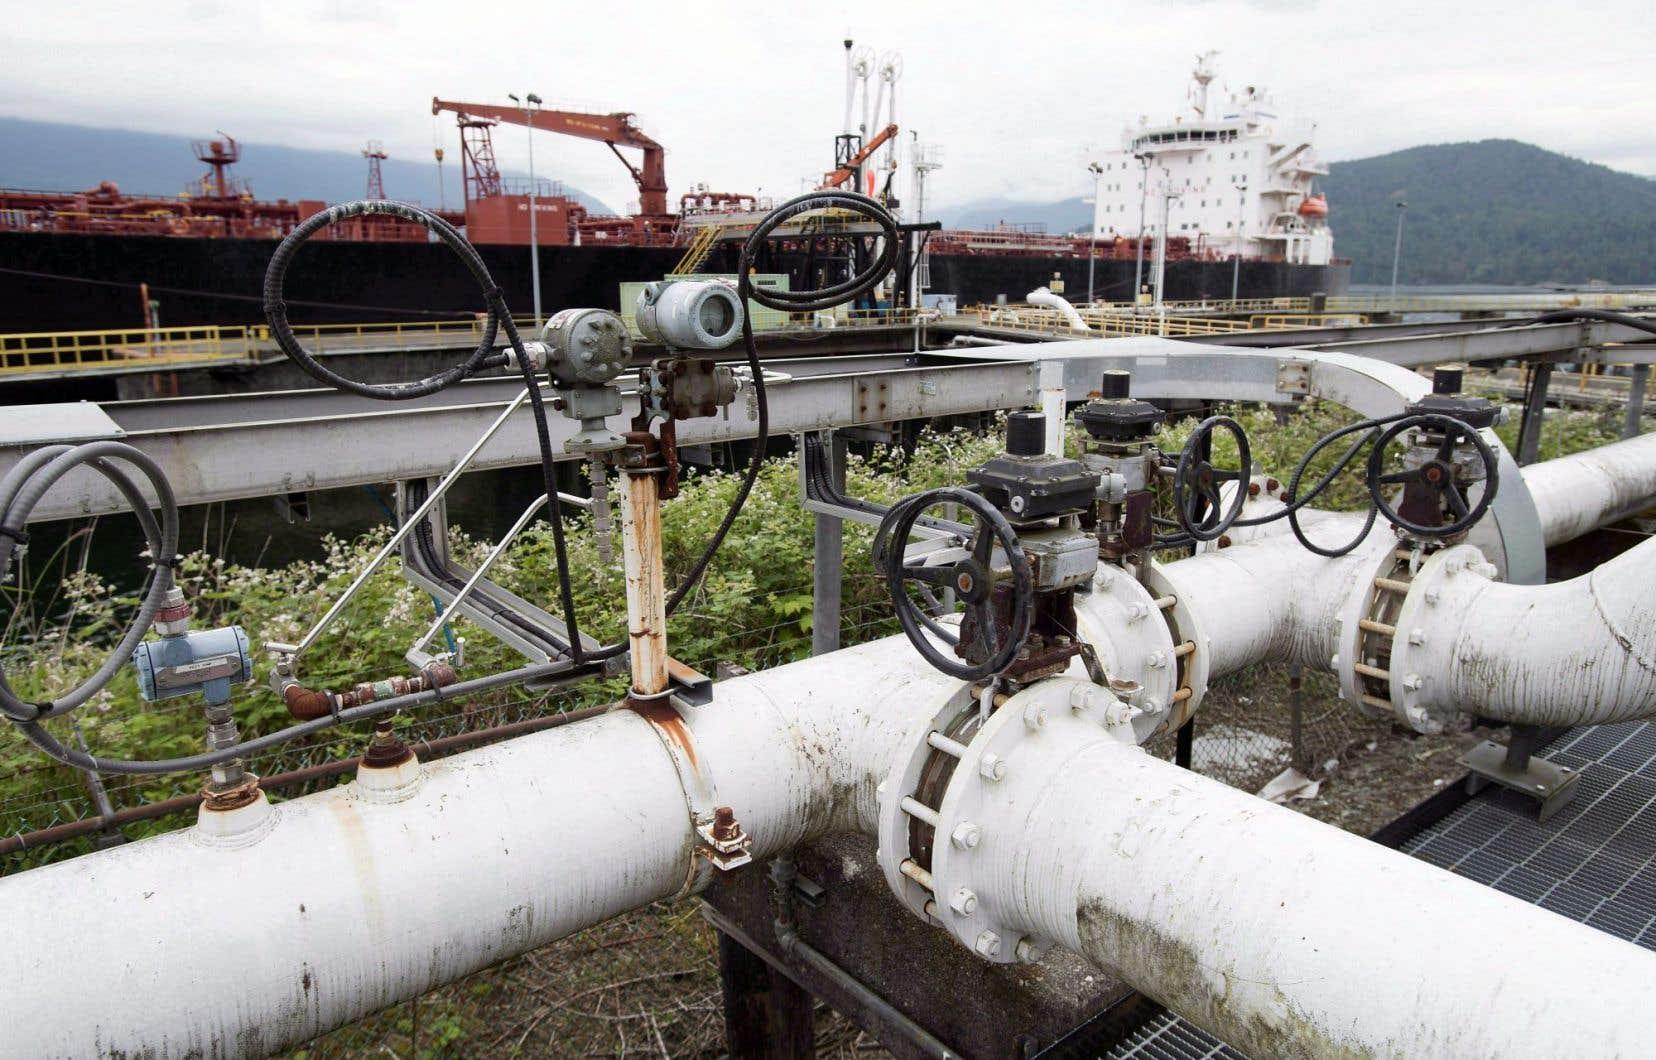 Le projet d'expansion du réseau de pipelines Trans Mountain signifierait une augmentation importante du trafic de pétroliers dans le secteur de Vancouver.